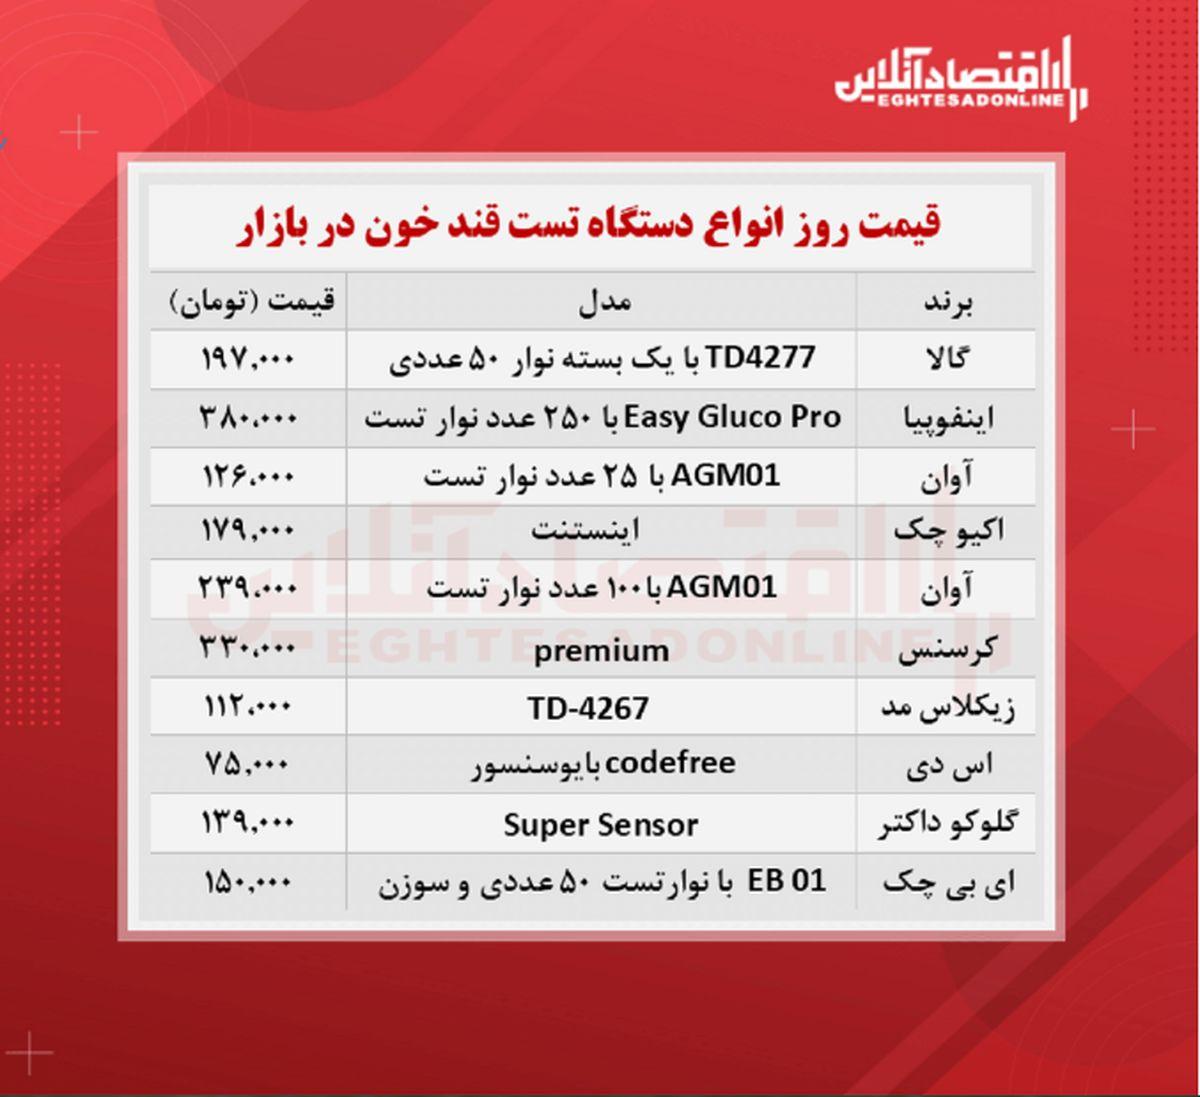 قیمت دستگاه تست قند خون (۱۴۰۰/۷/۱۸)